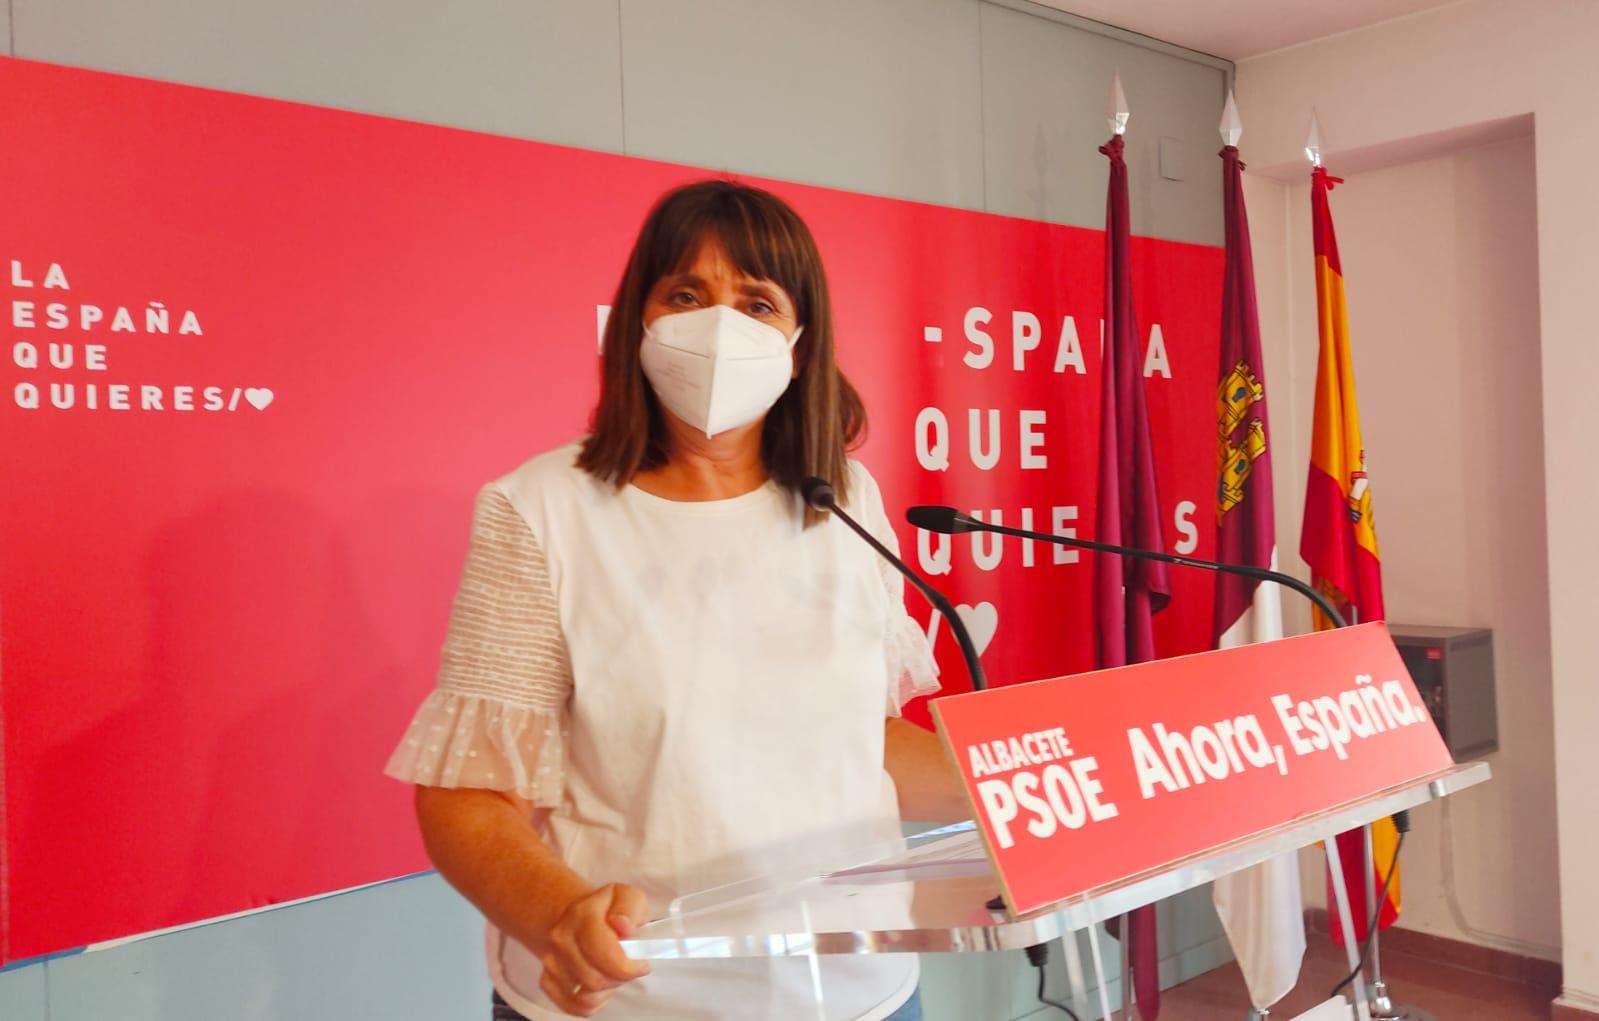 El PSOE de Albacete valora el acuerdo en materia de pensiones que garantiza el poder adquisitivo de más de 73.000 pensionistas albaceteños